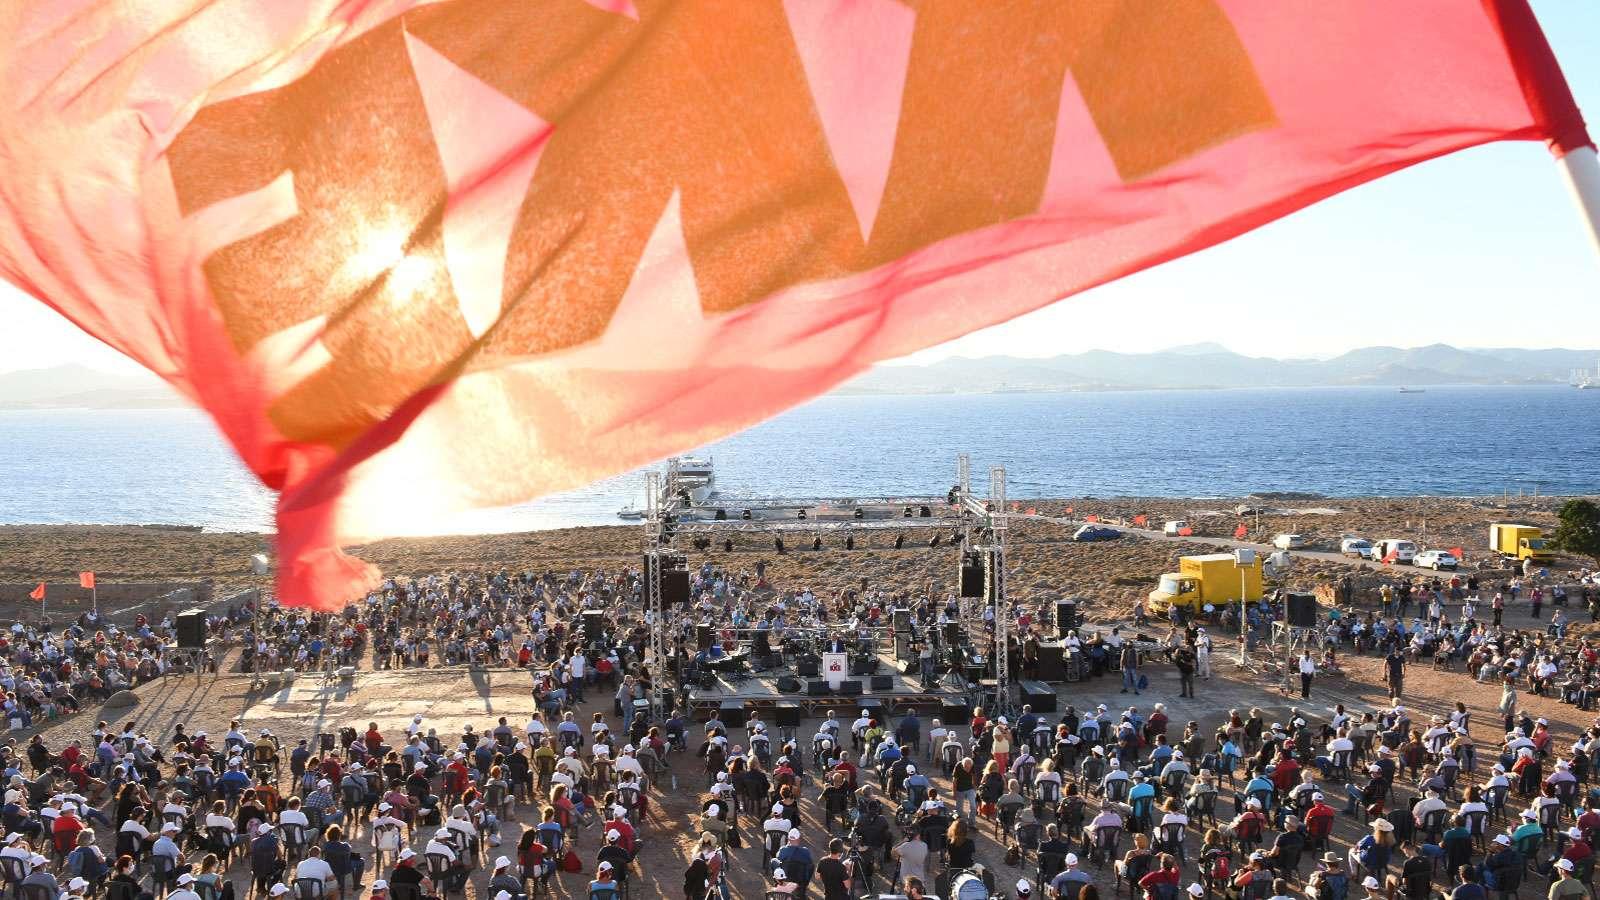 ΚΕ ΚΚΕ εκδήλωση ΚΚΕ στη Μακρόνησο